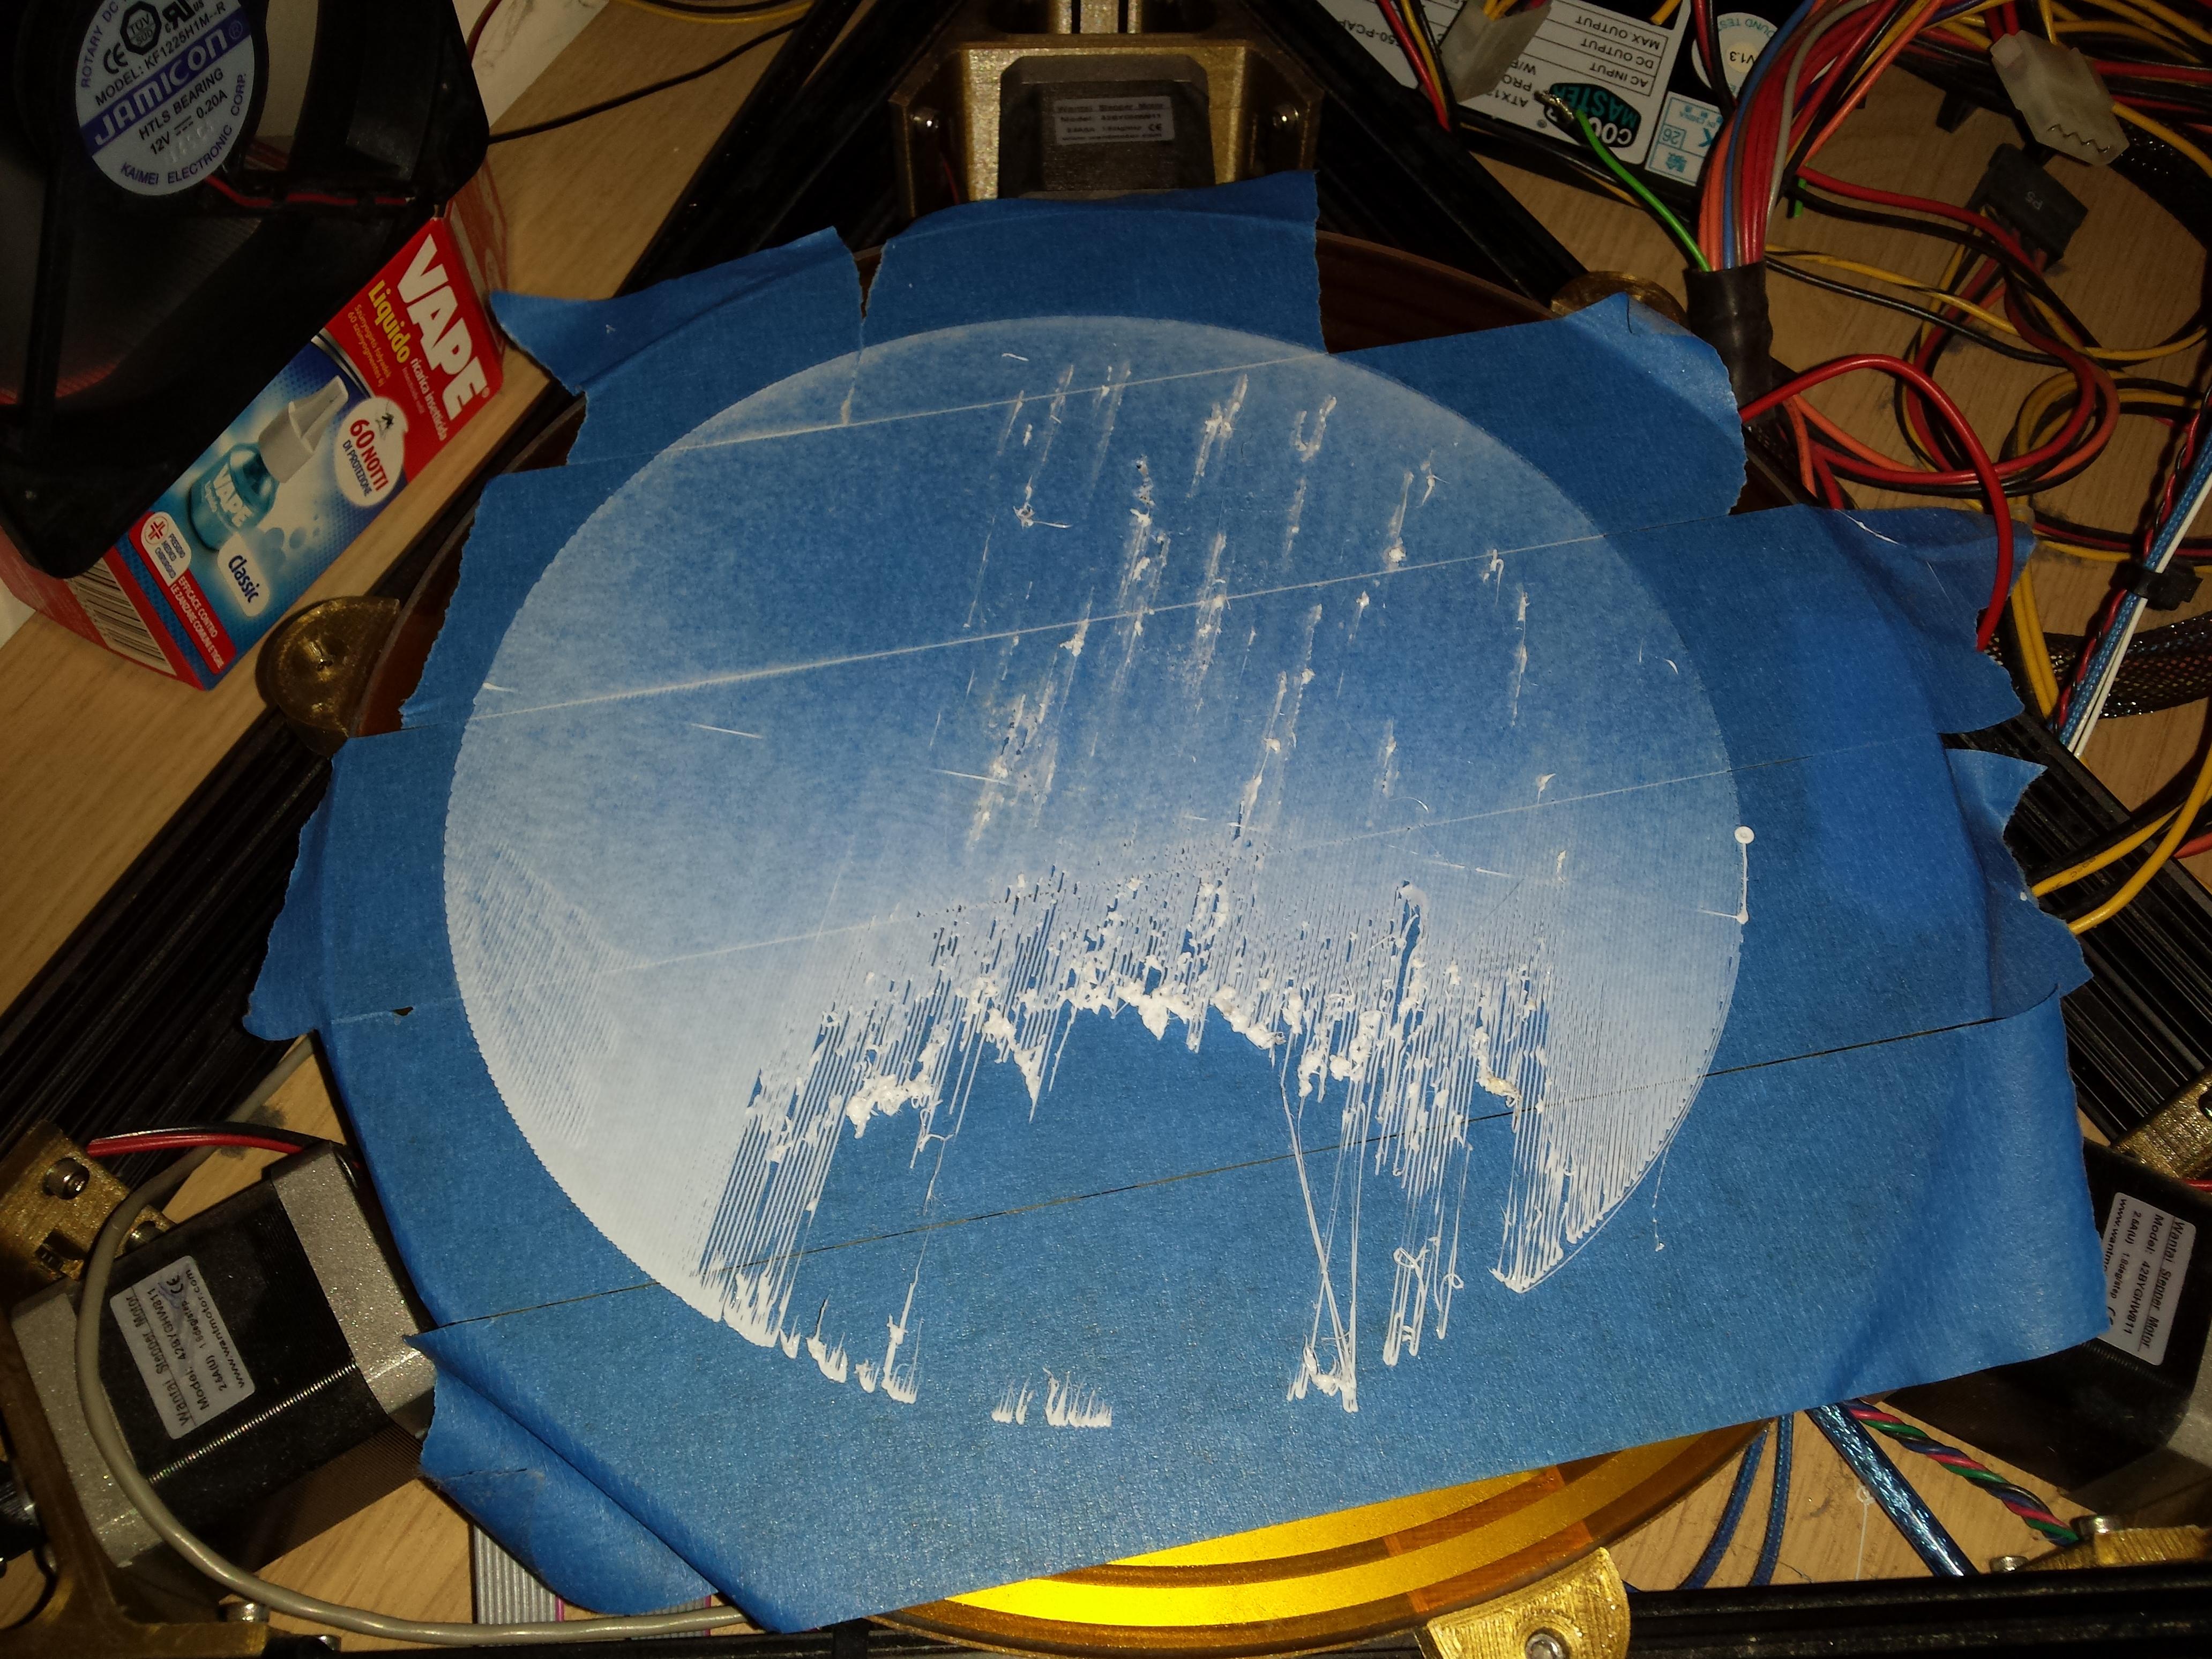 Kossel XL bed problems - 3D Printing / 3D Printers - Talk